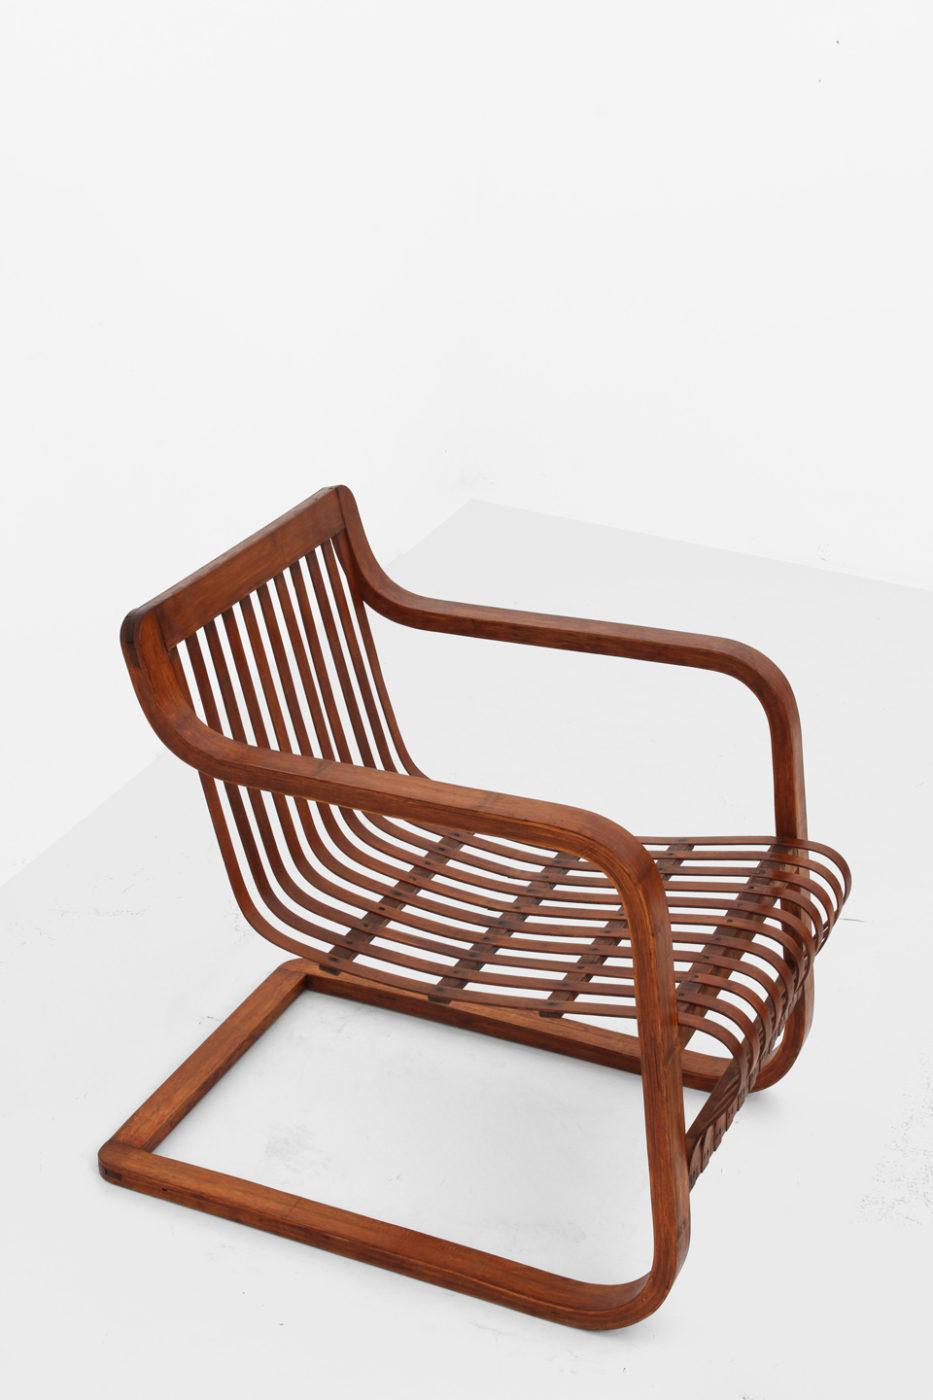 Super Rare Lounge Chair Dimoregallery Inzonedesignstudio Interior Chair Design Inzonedesignstudiocom